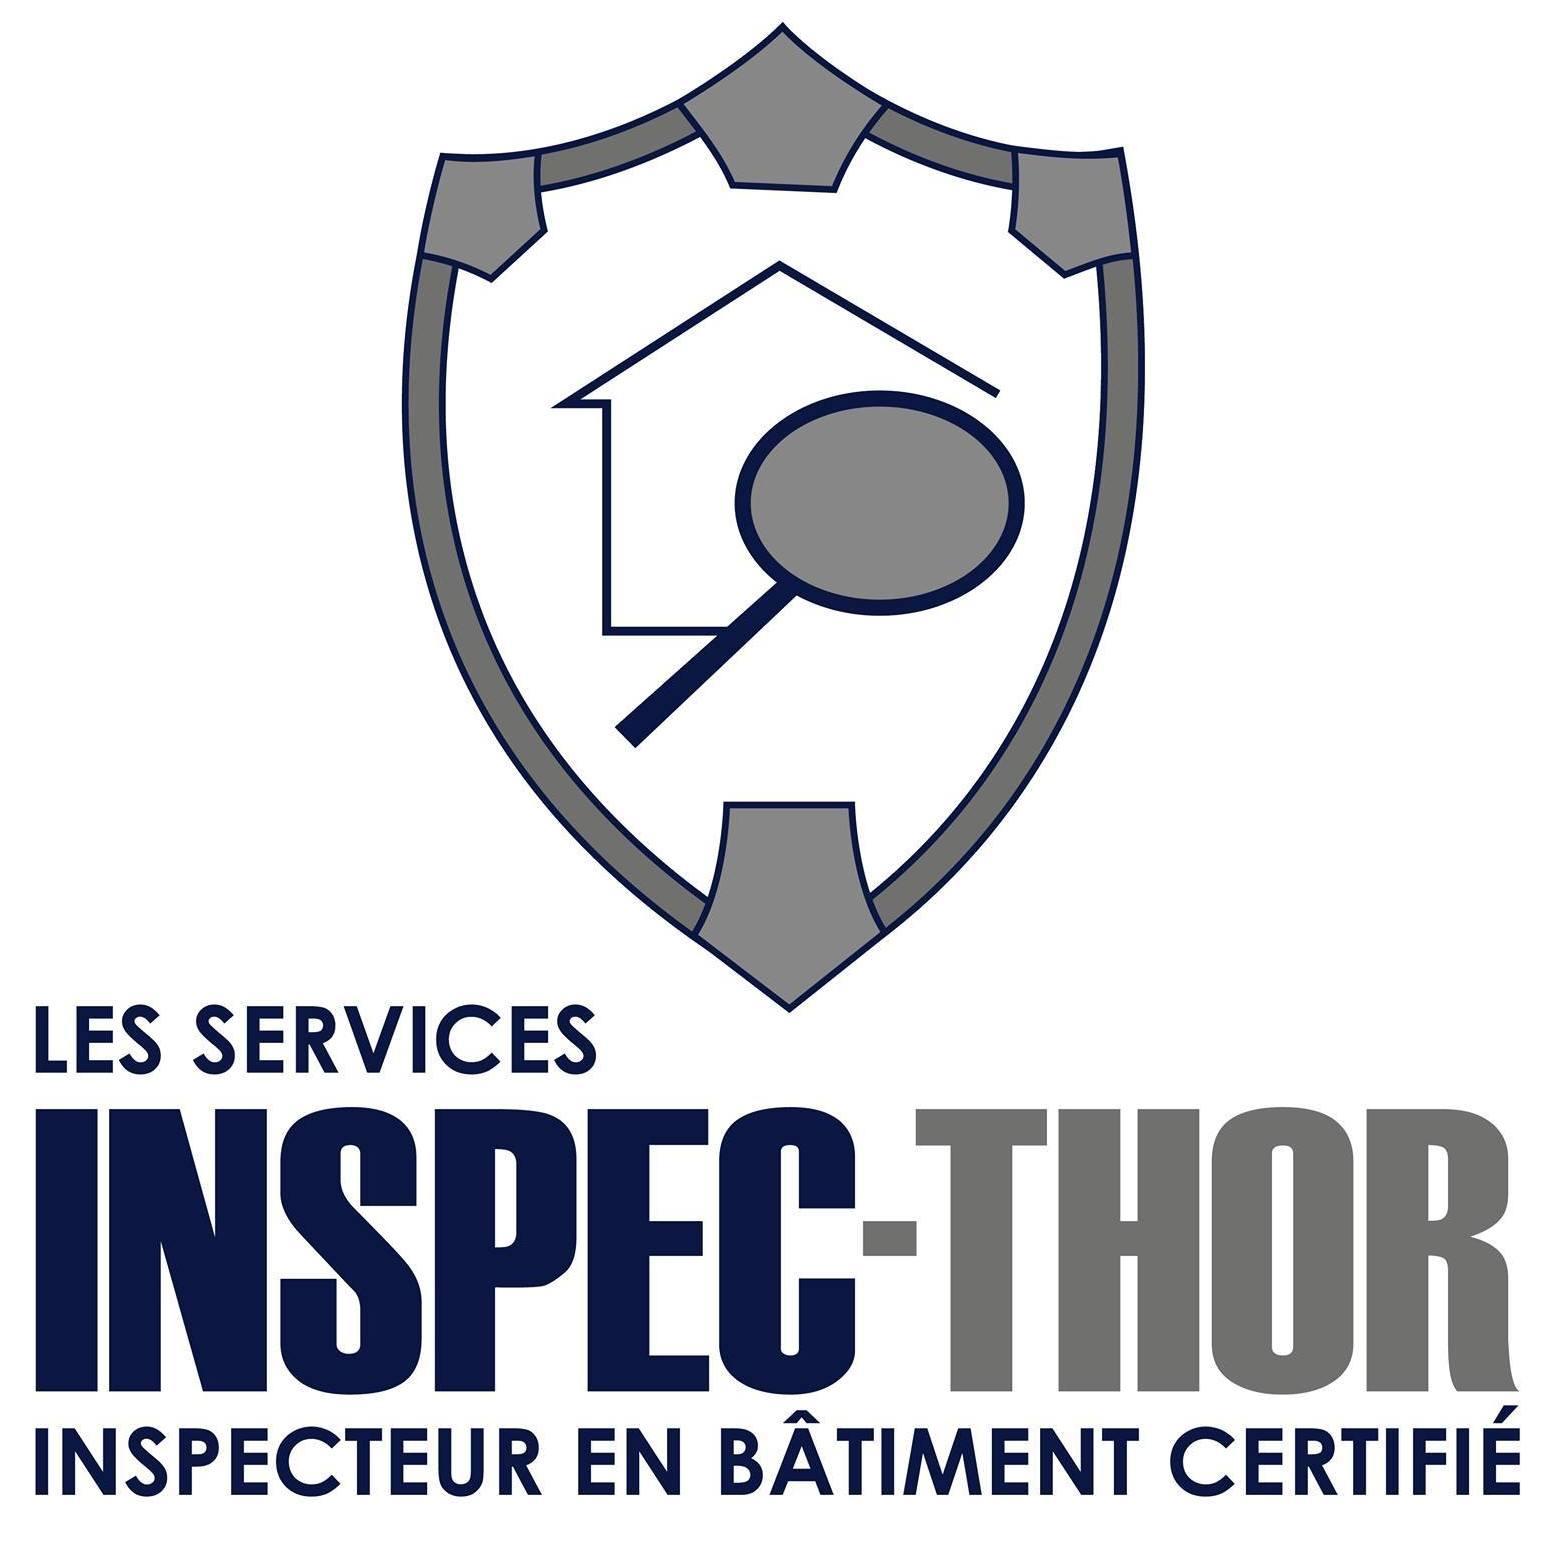 Inspecteur en bâtiment Inspec-Thor